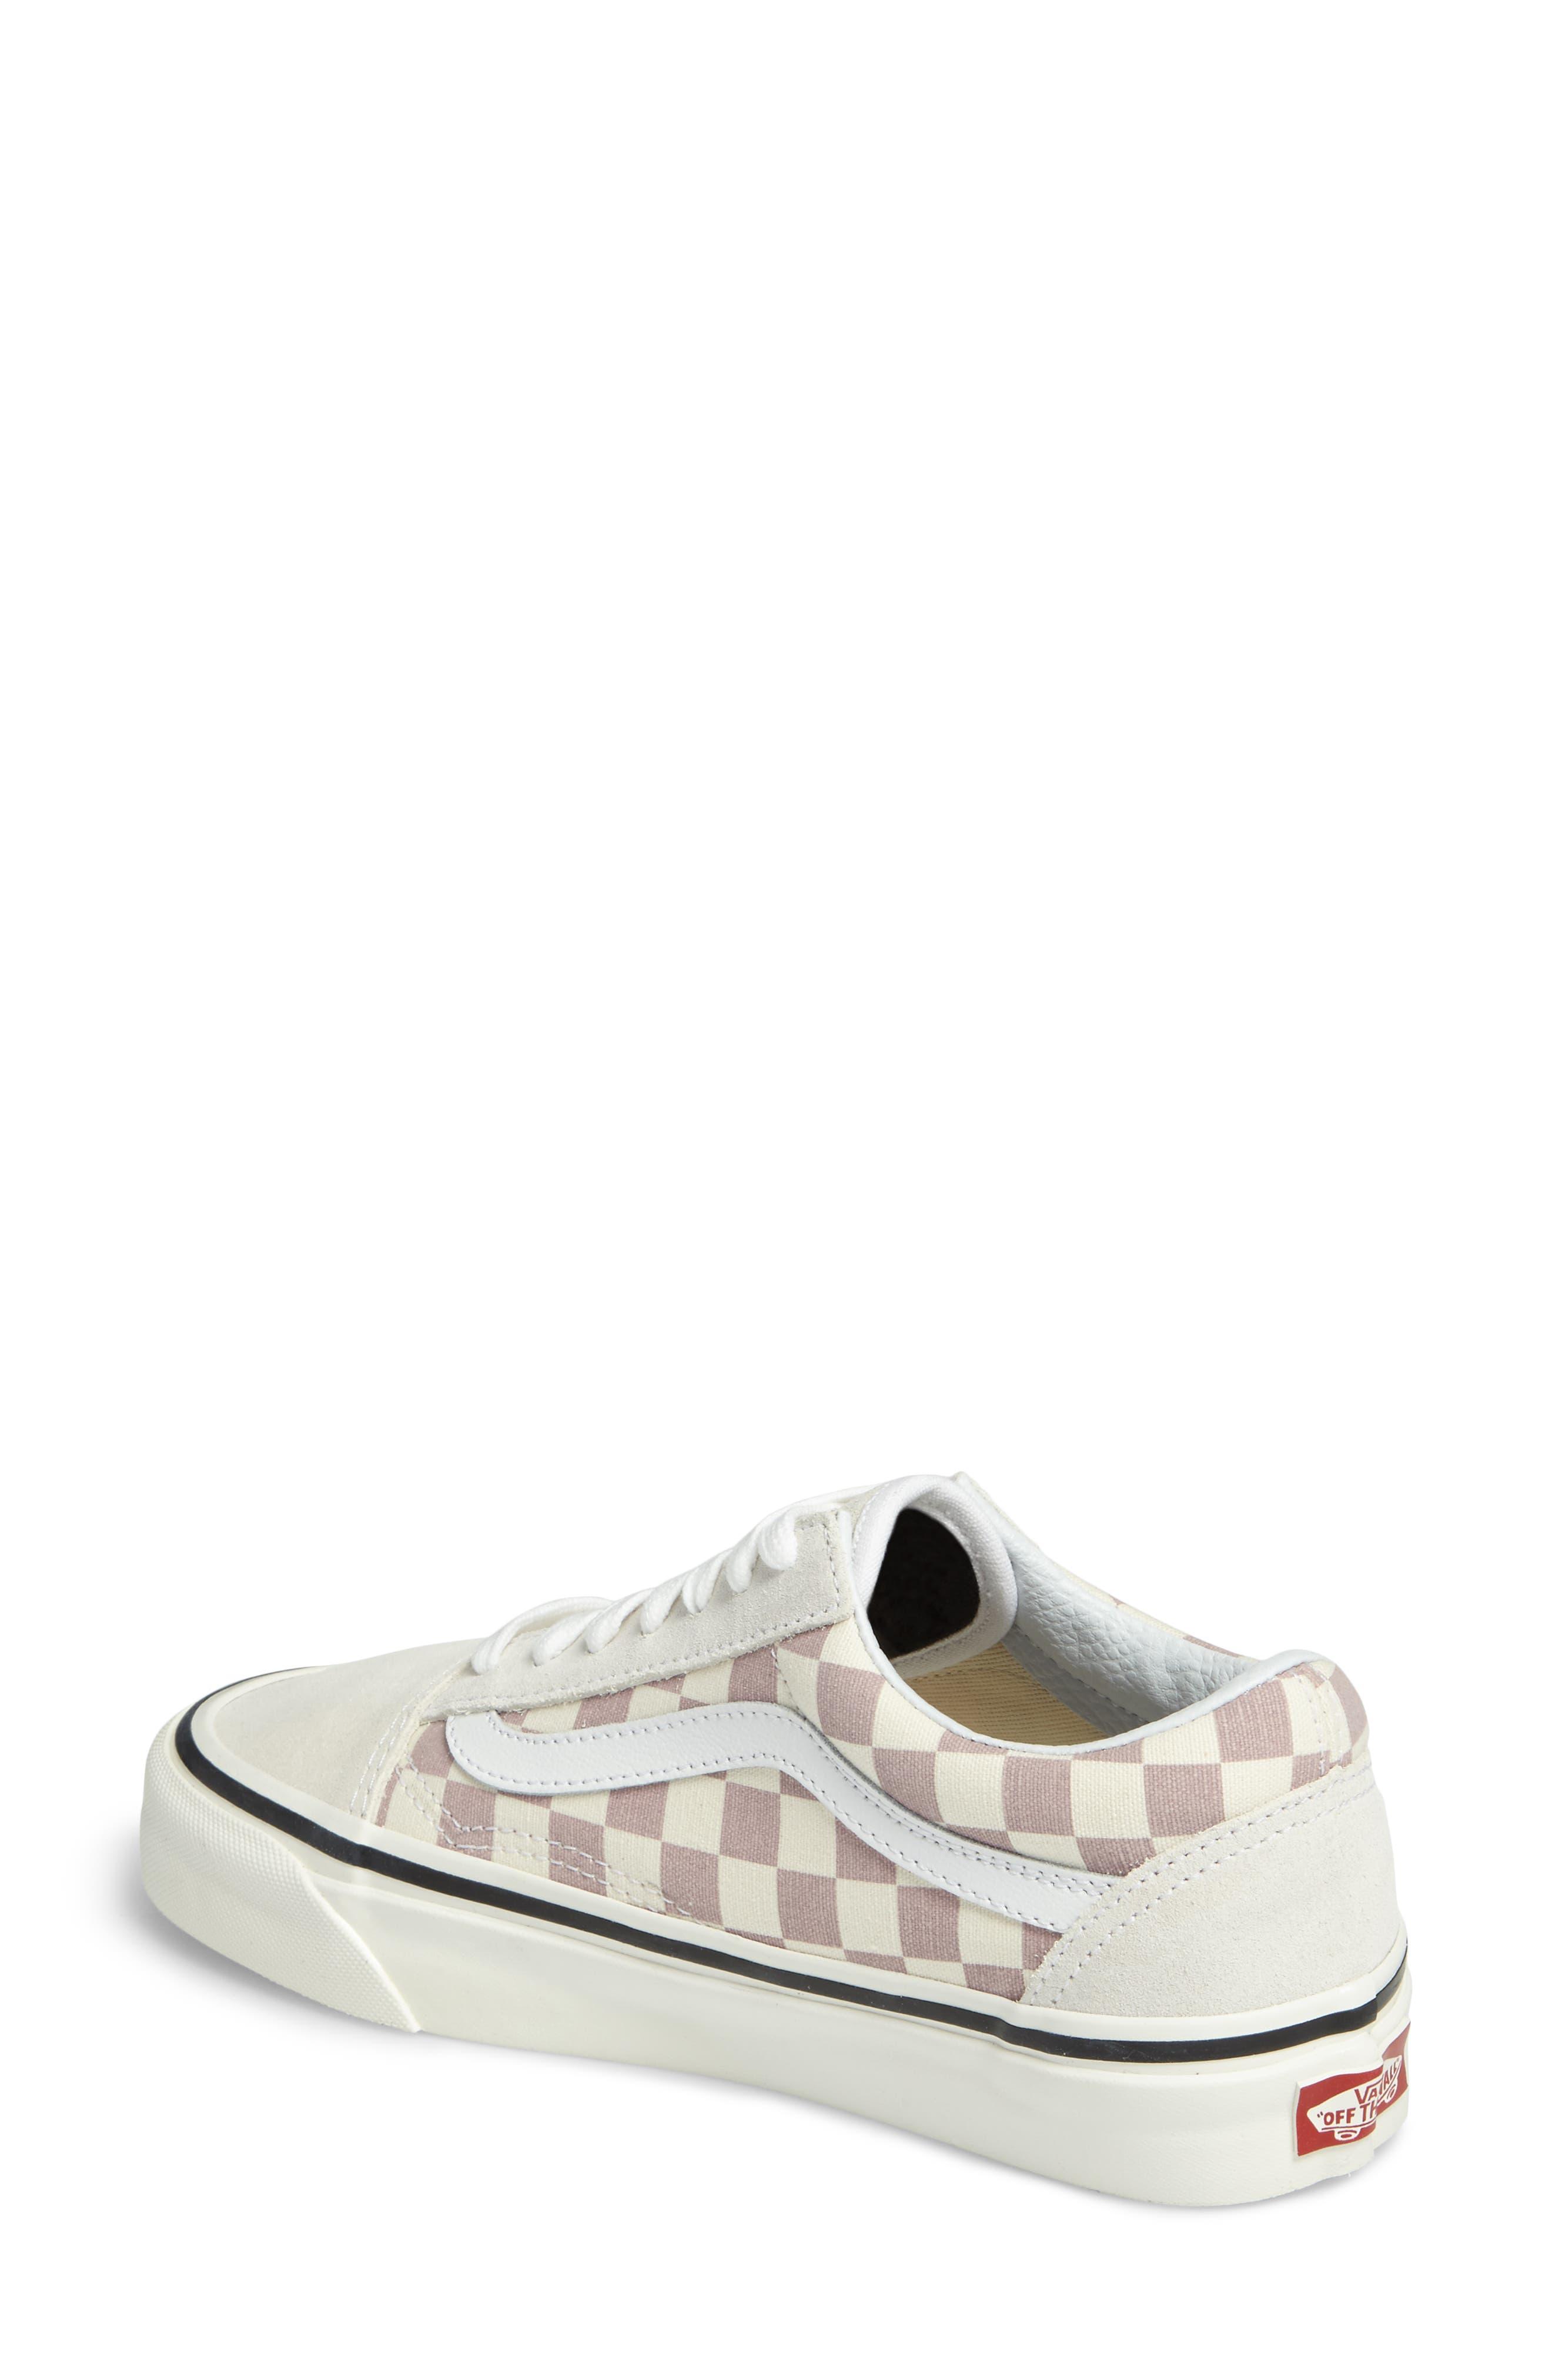 Alternate Image 2  - Vans Old Skool 36 DX Sneaker (Women)